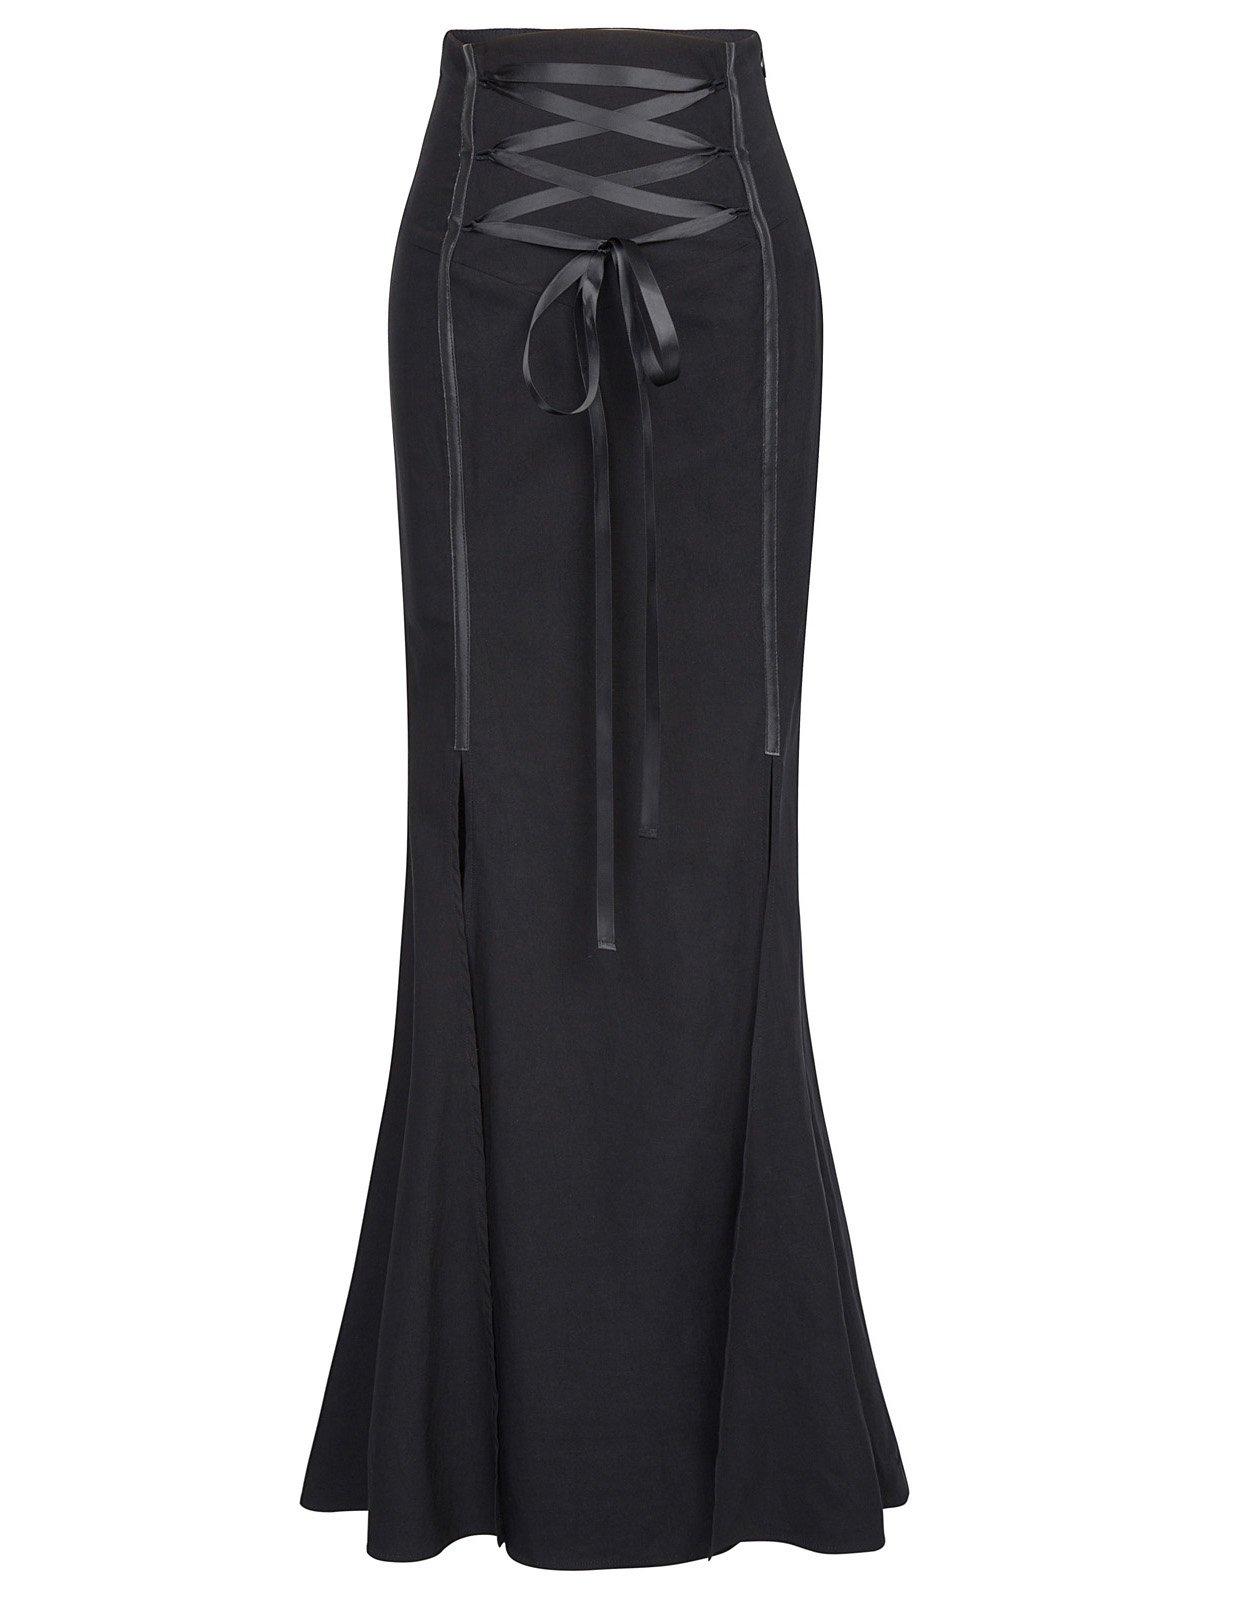 Belle Poque Women Gothic Victorian Steampunk Maxi Skirt Fishtail Mermaid Skirt BP447-1 XL Black